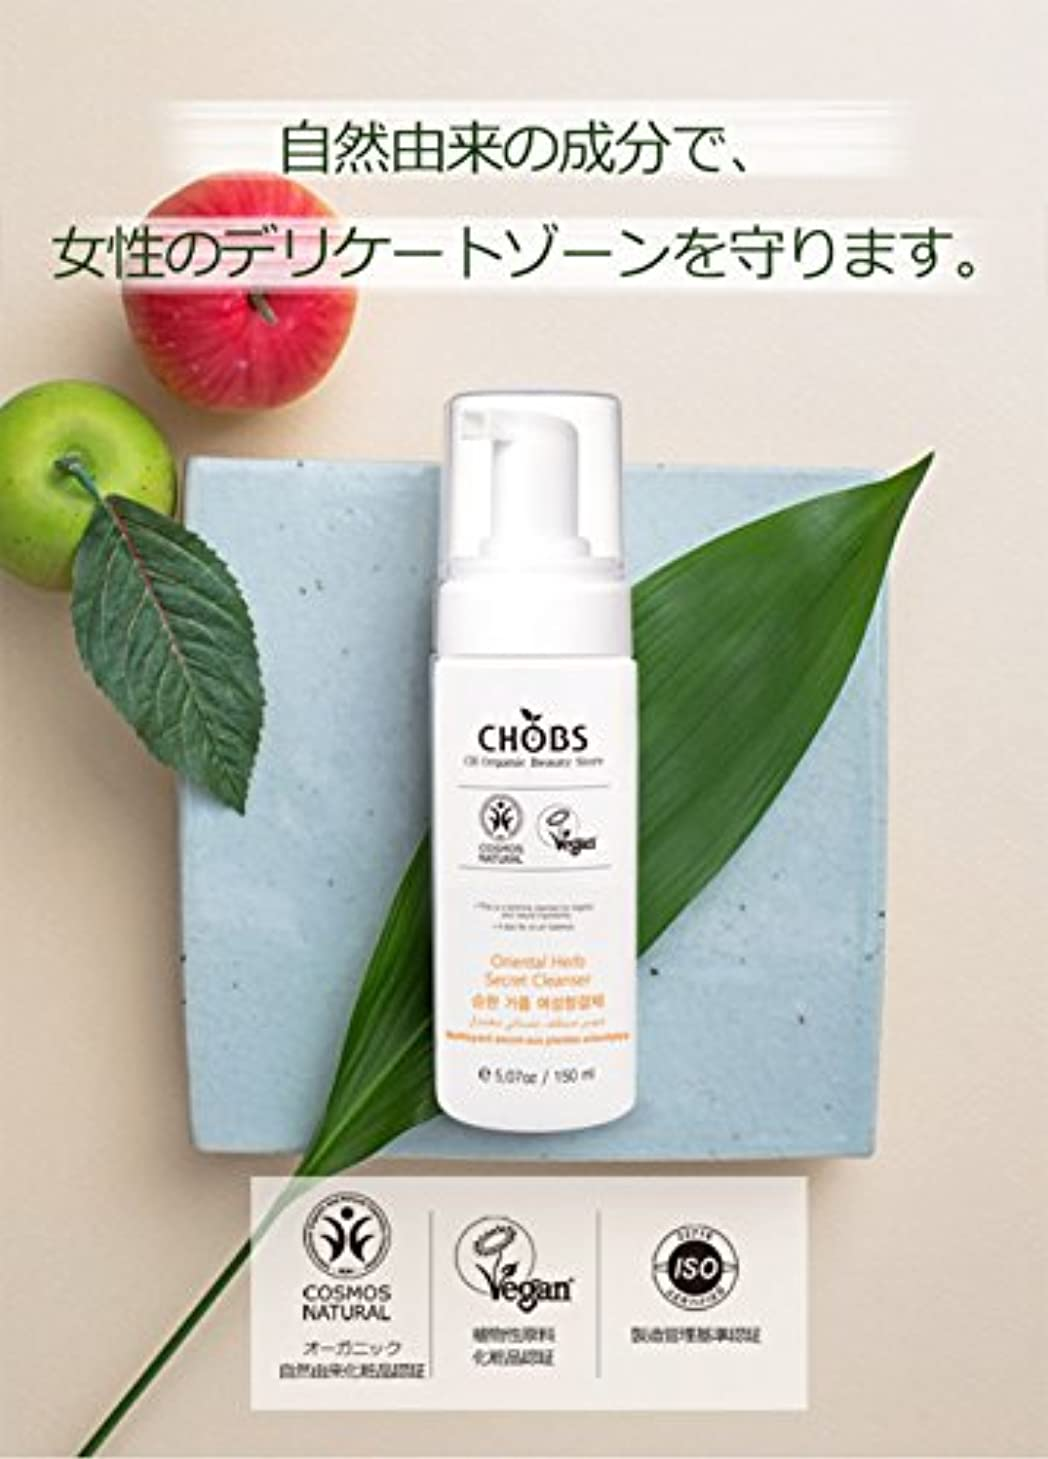 朝ごはん気候辞任オーガニック清潔ケアクレンザー 天然化粧品 韓国コスメ 低刺激